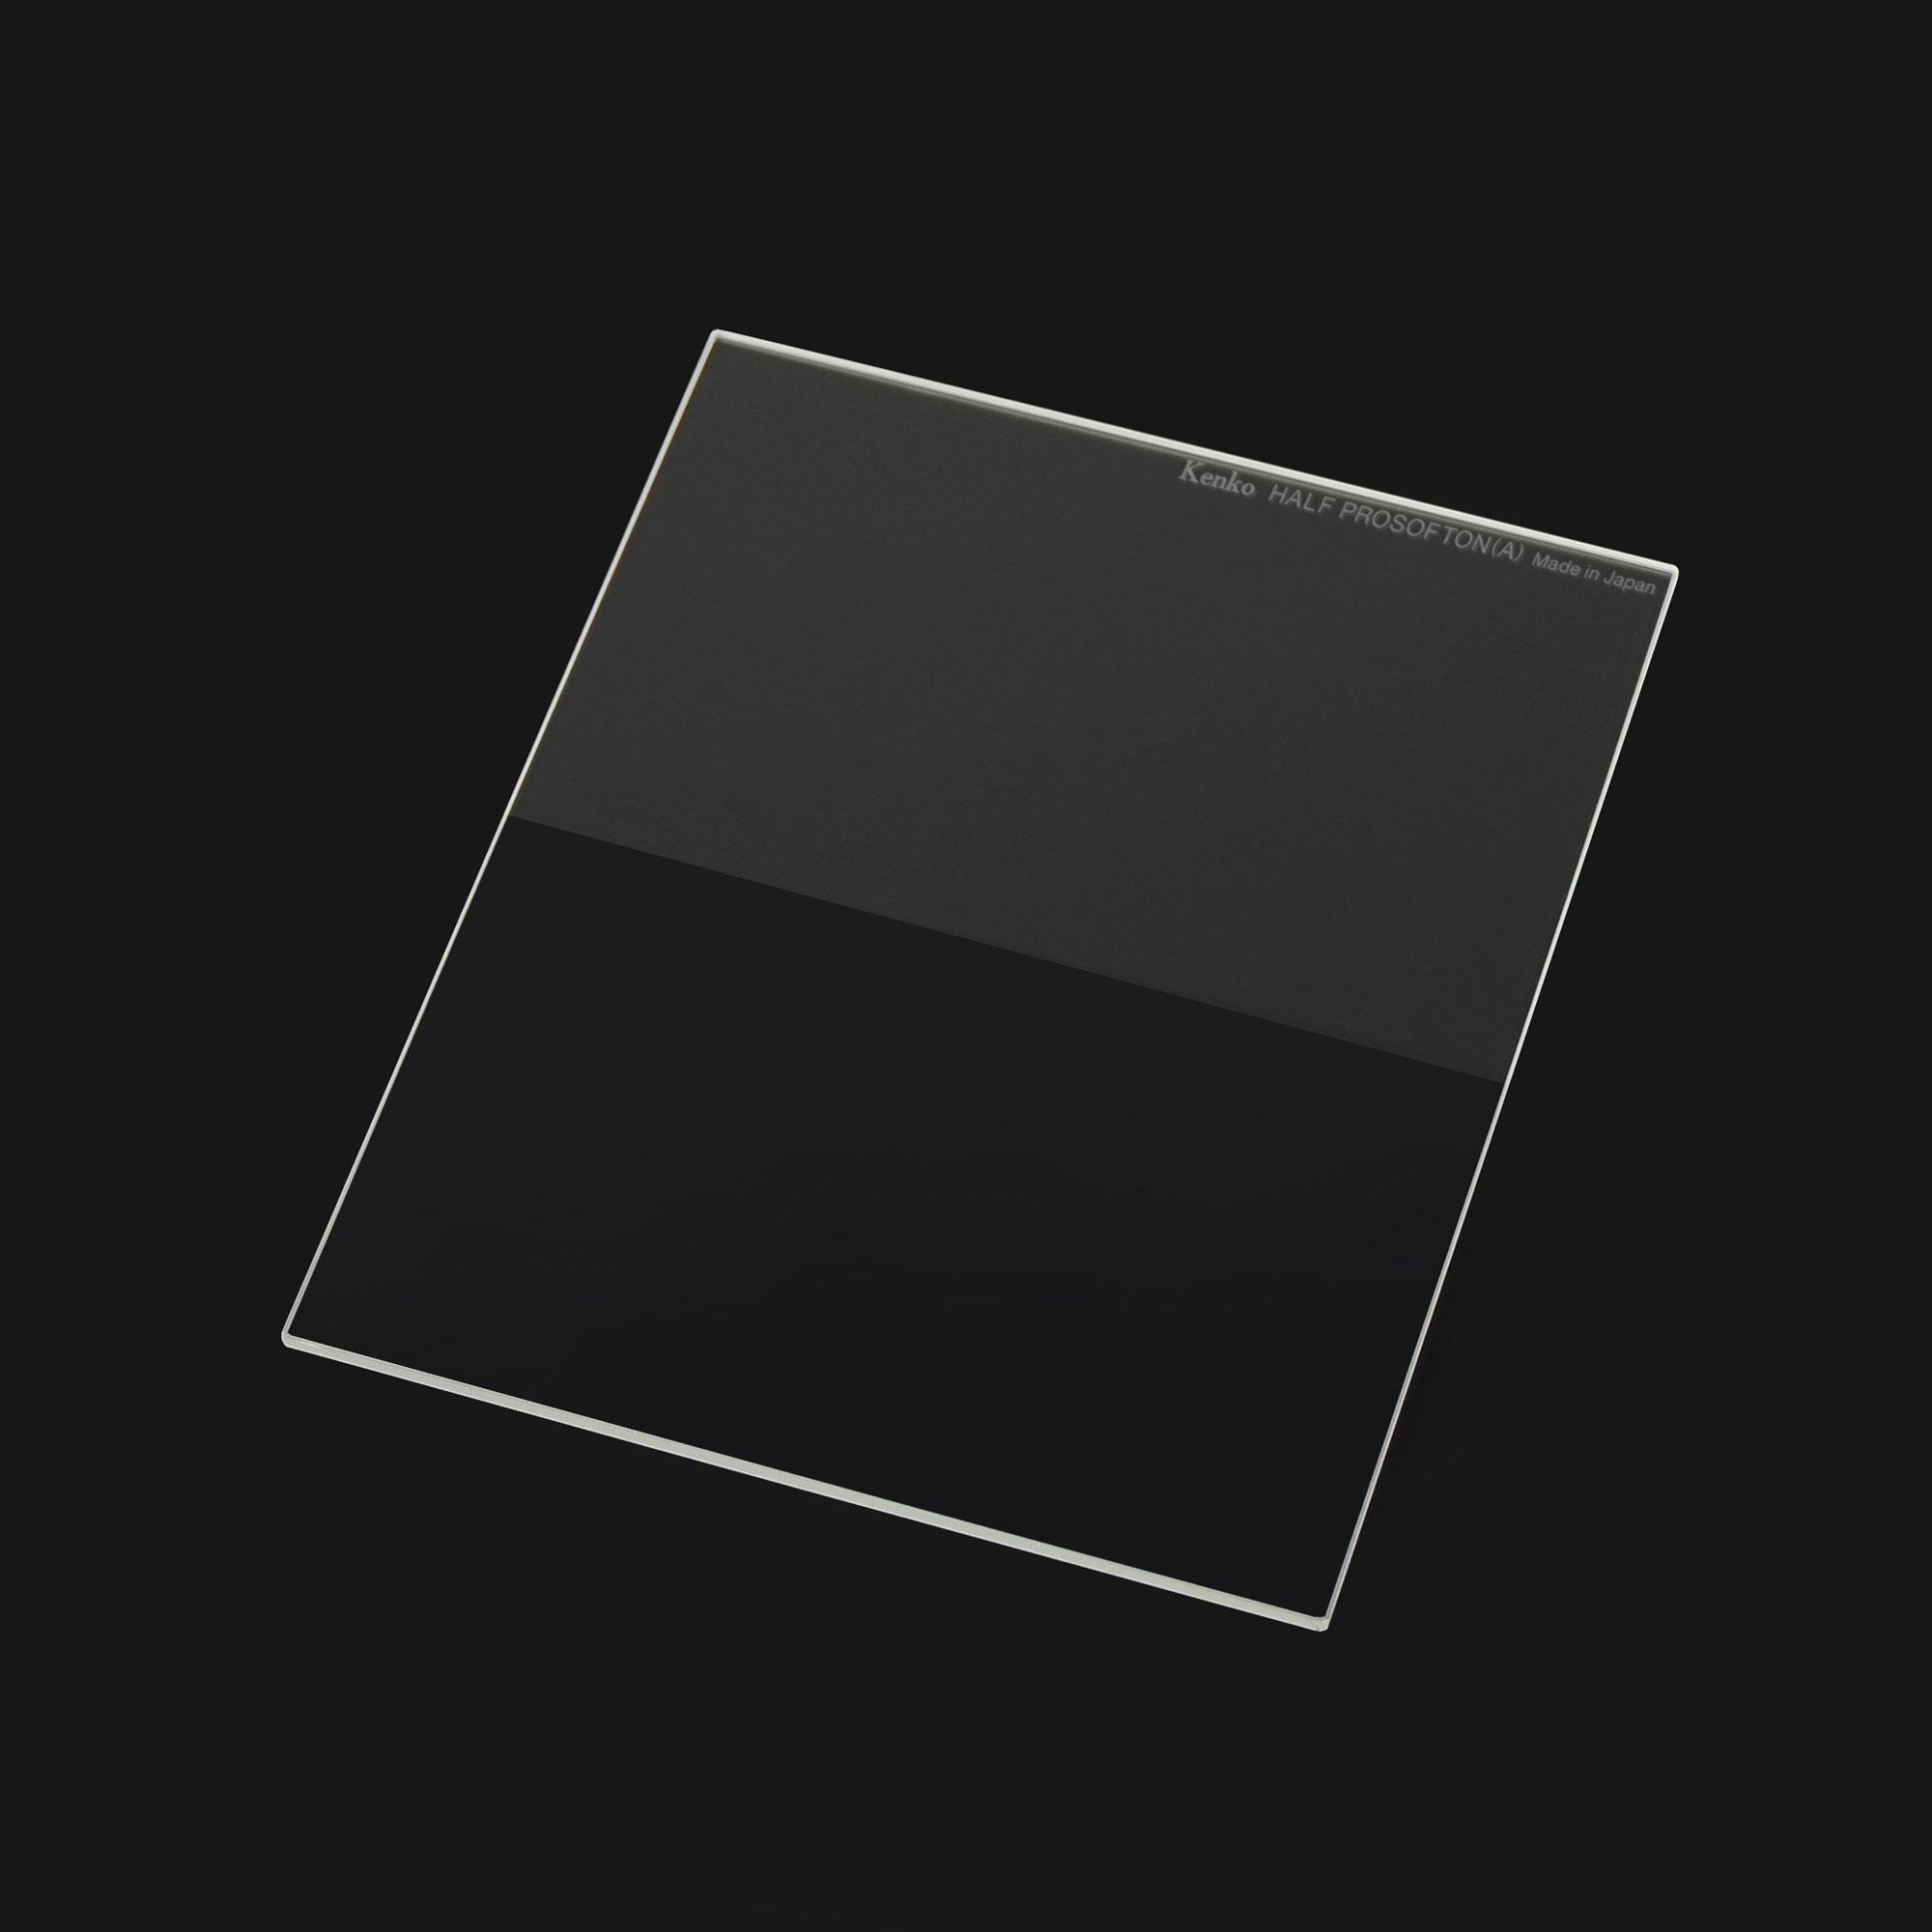 ハーフプロソフトン(A)  100×125mm